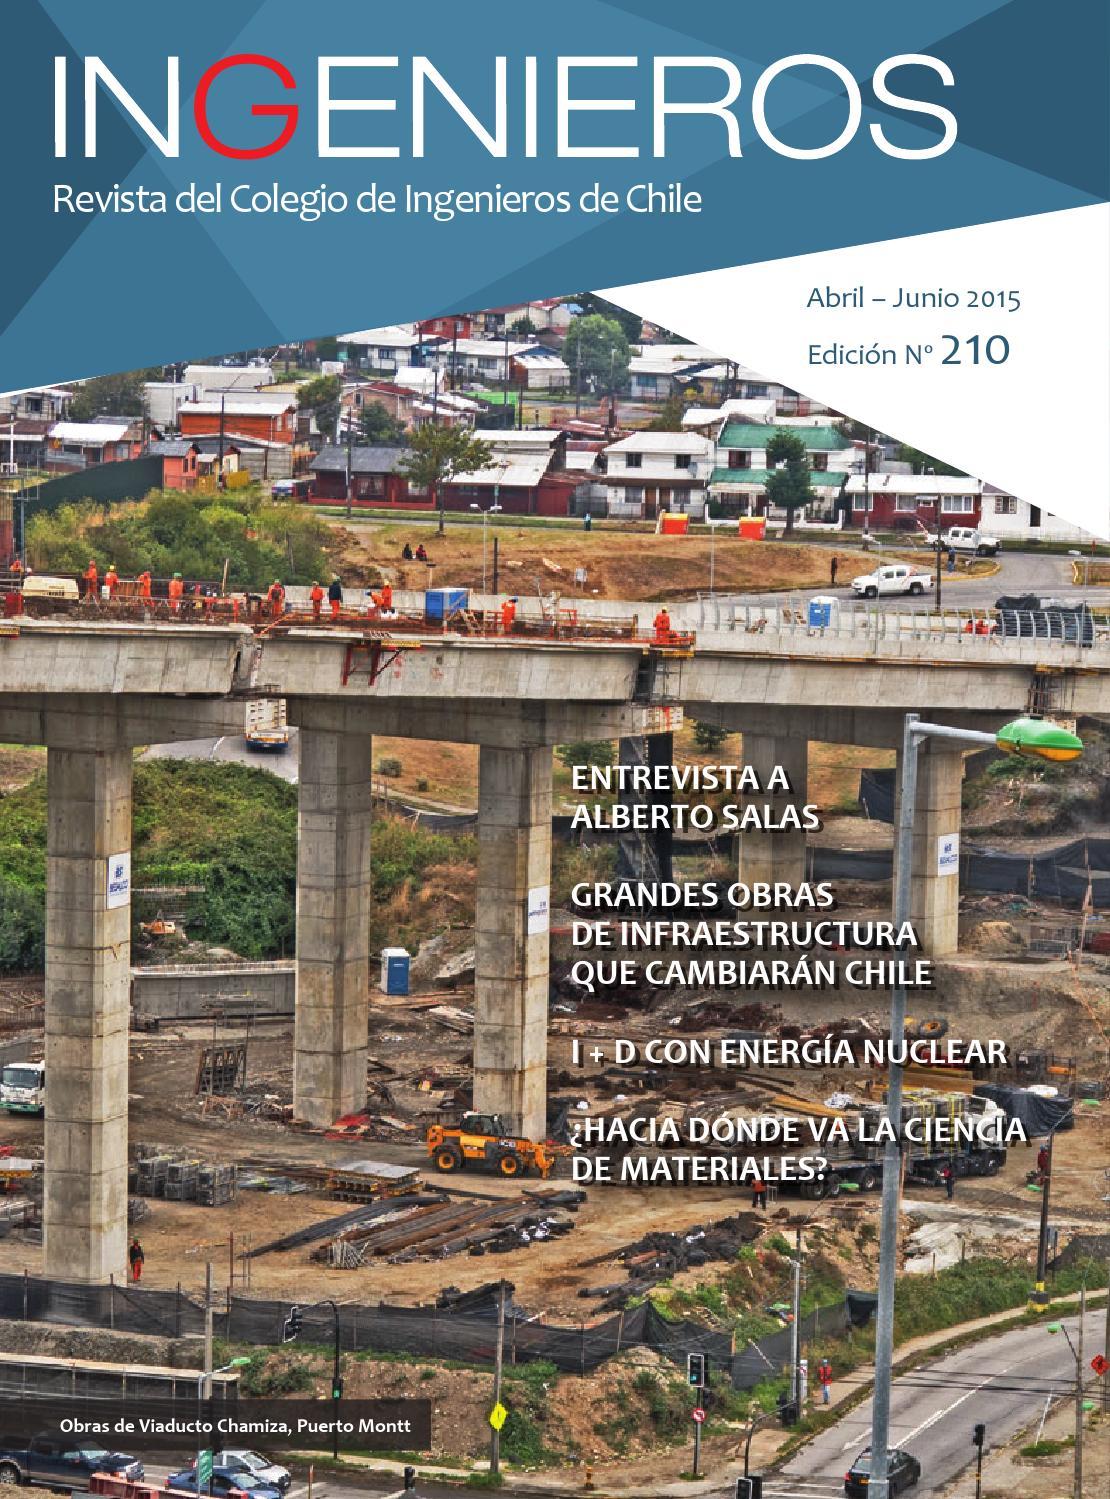 Revista Ingenieros by Revista Ingenieros - issuu